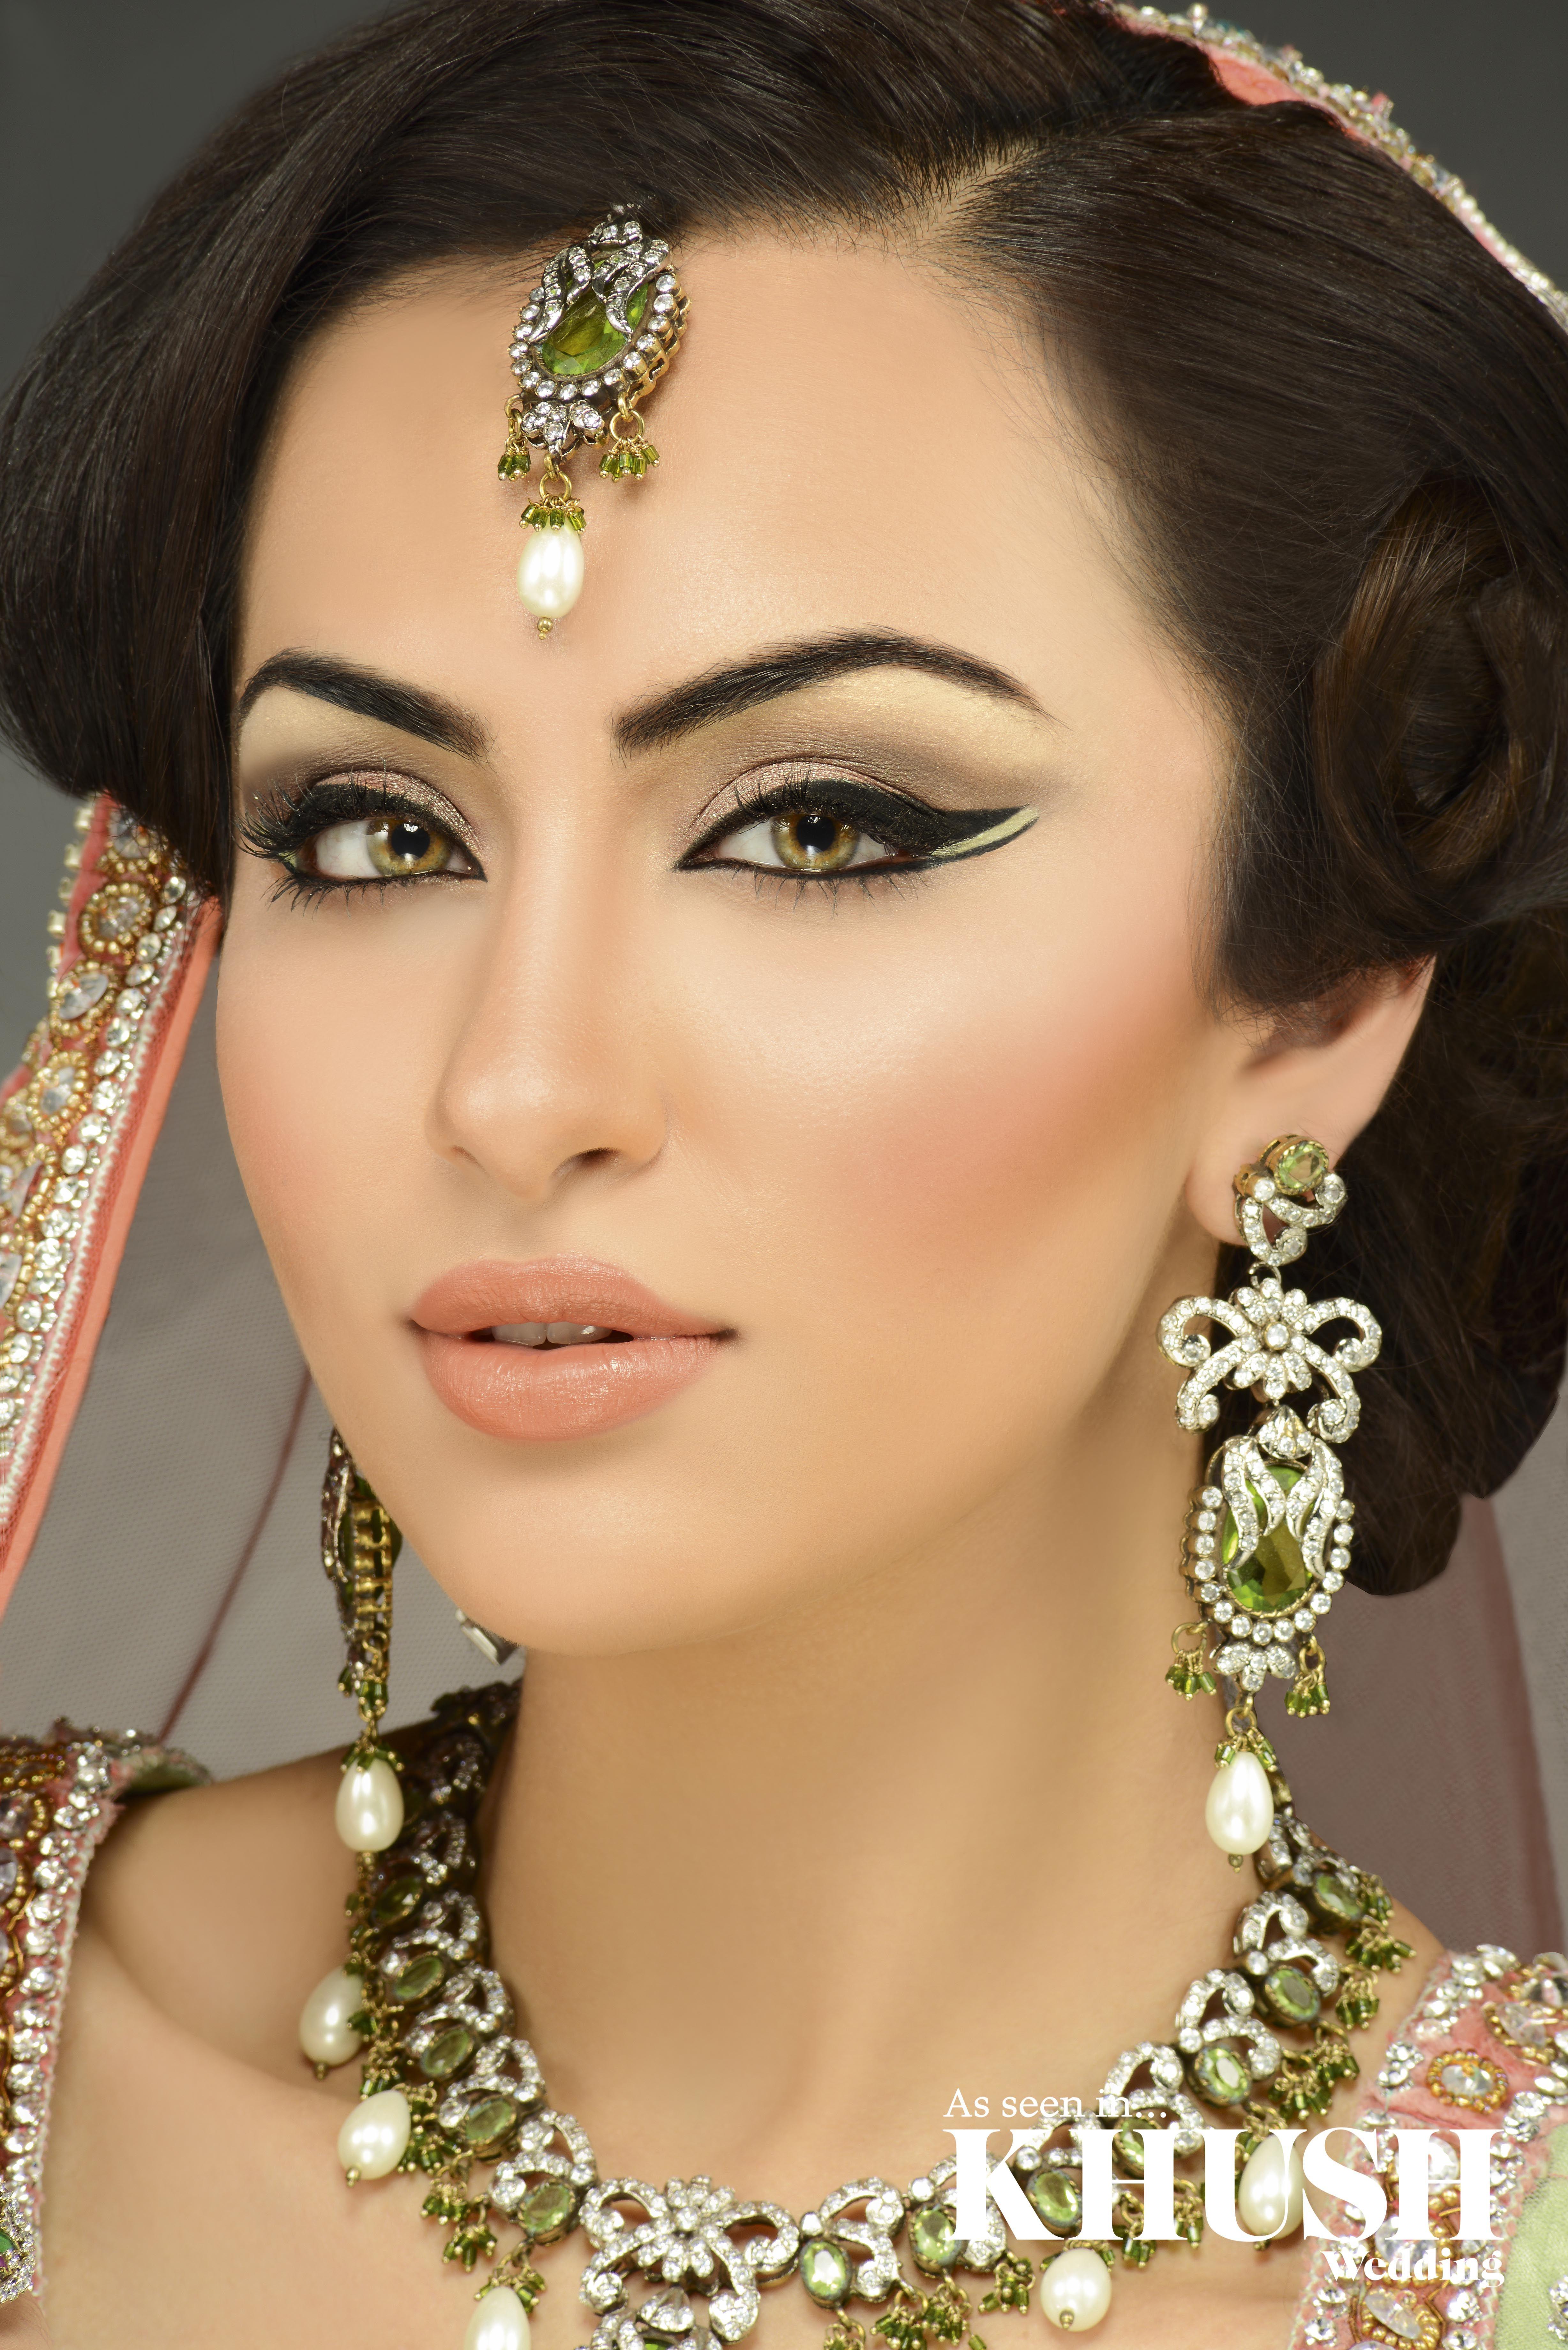 gorgeous traditional asian bride by foqiya fox w